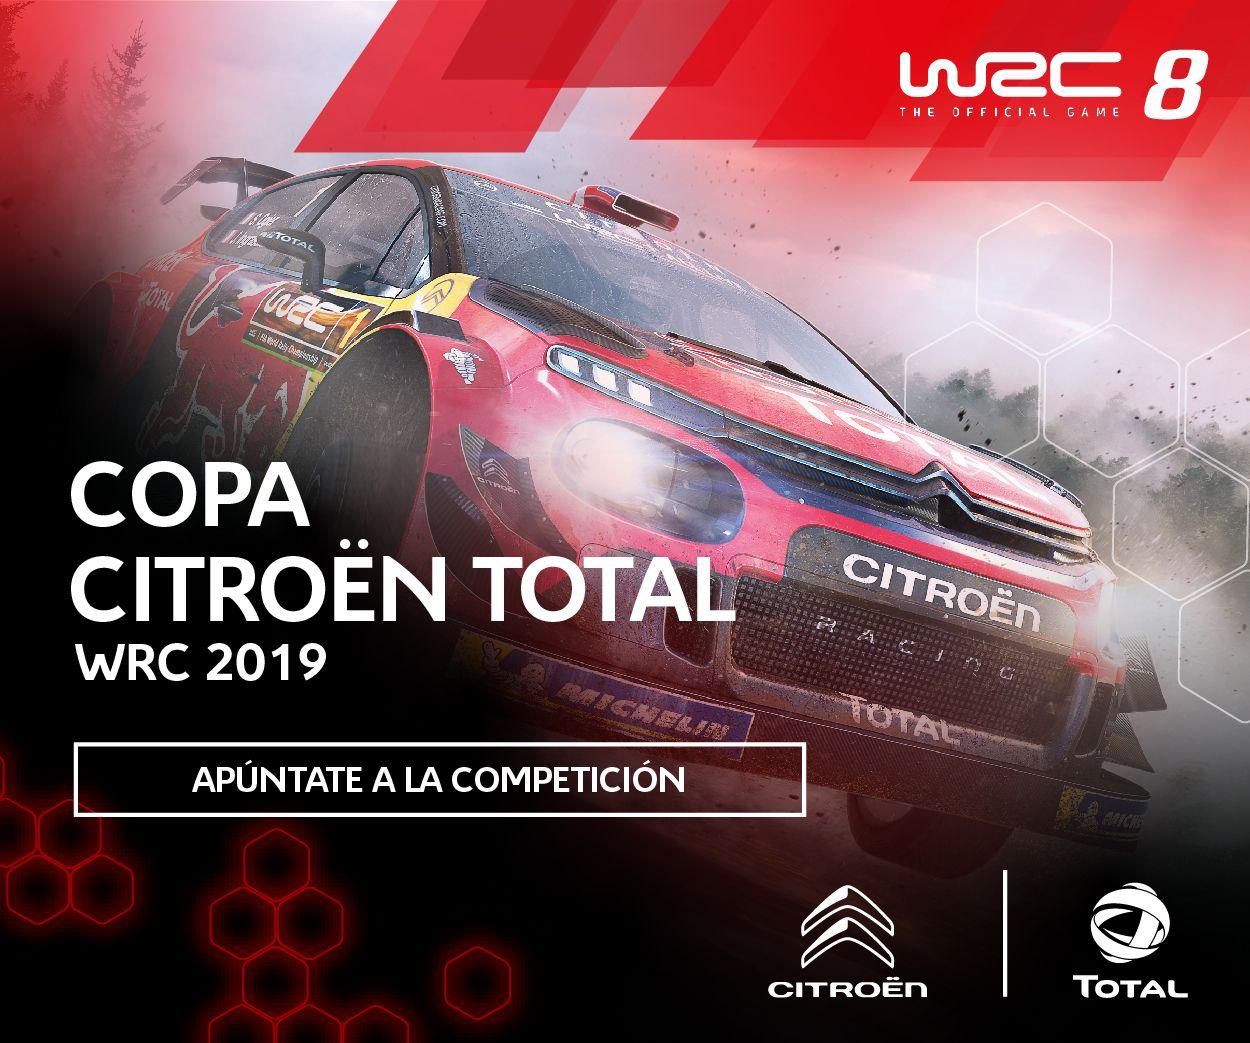 ARRANCA LA COPA CITROËN TOTAL WRC 2019 DE SIM RACING